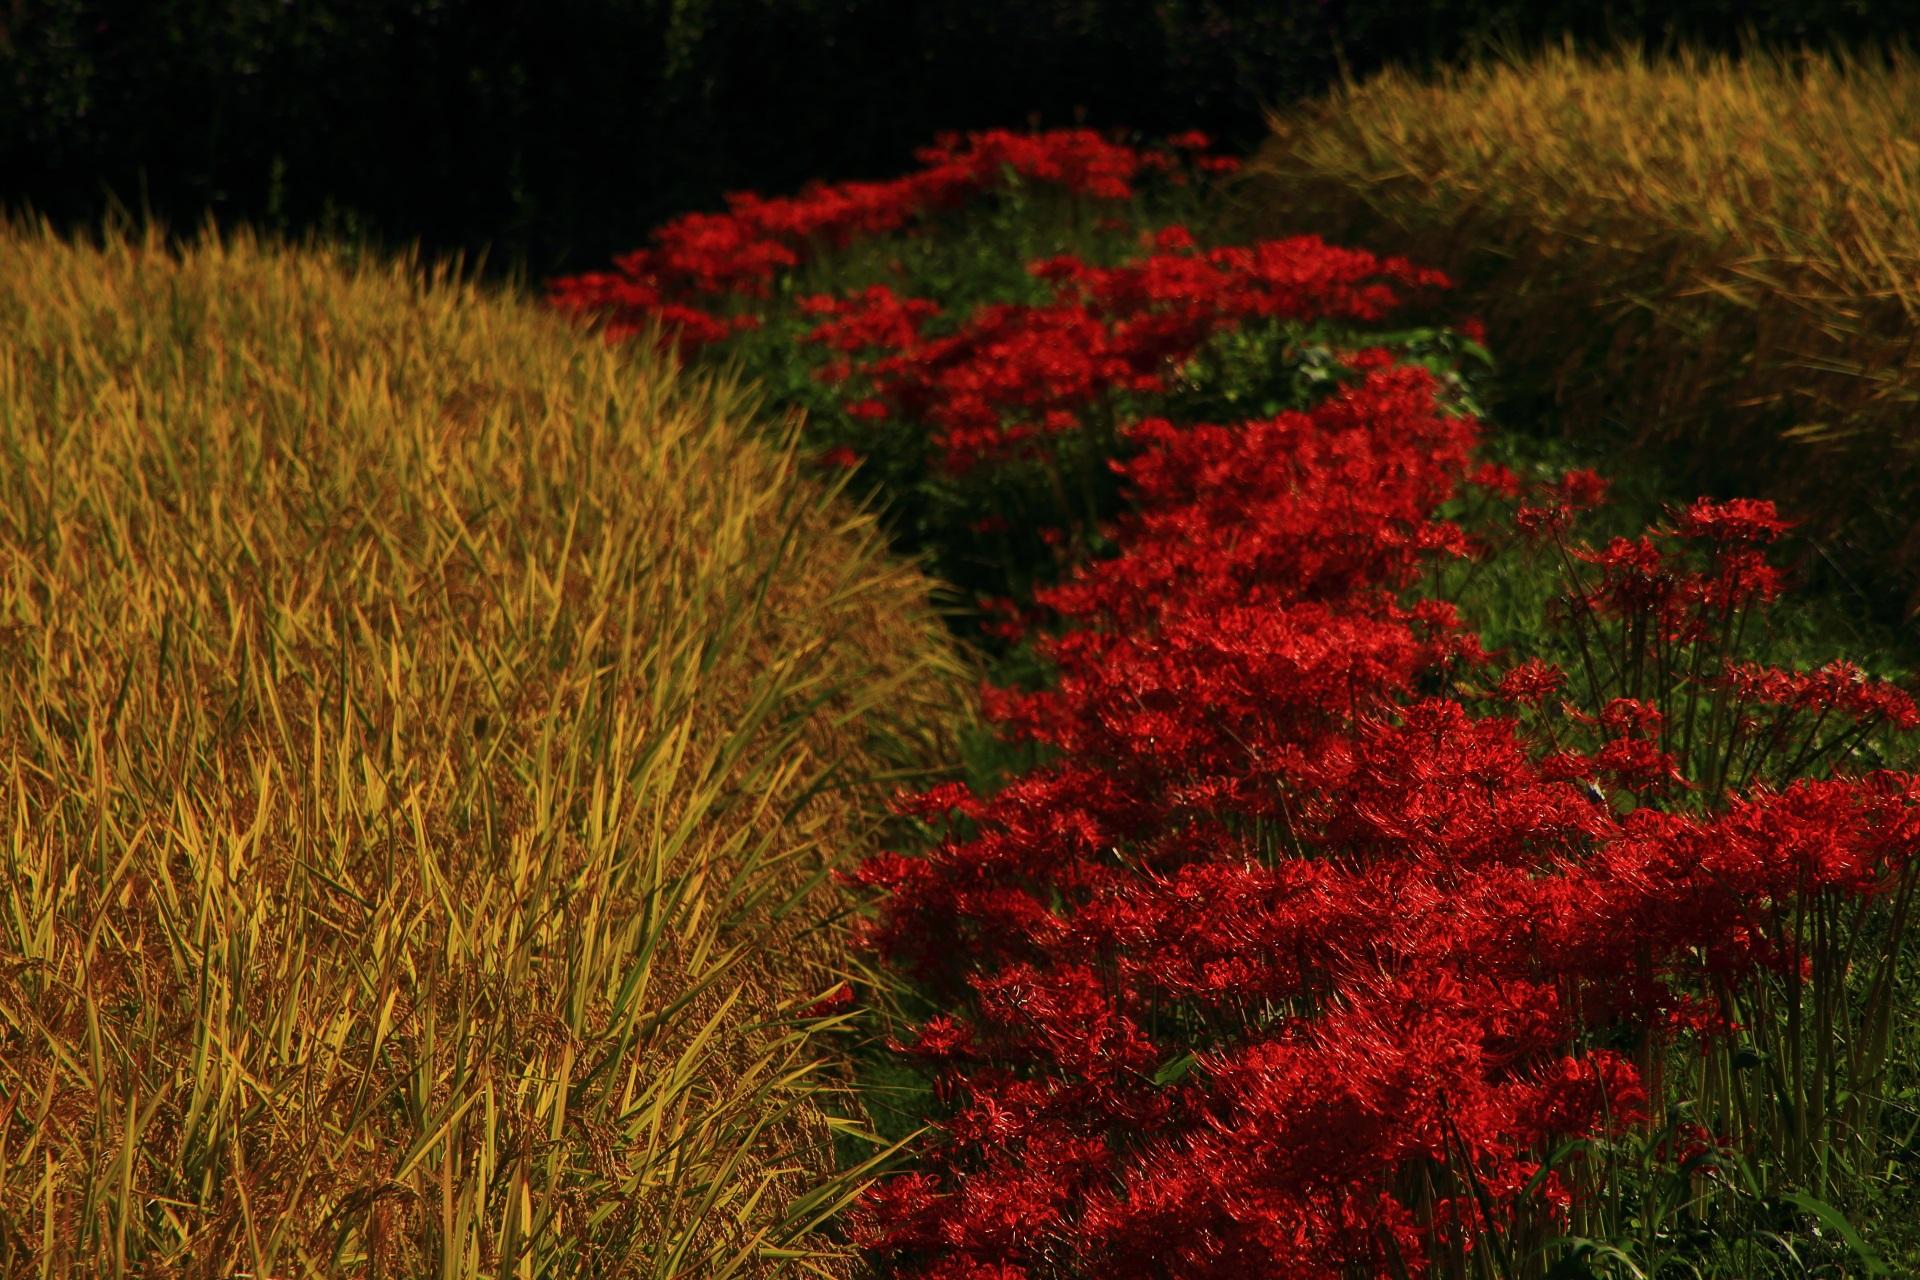 お彼岸のころに咲く満開の真っ赤な彼岸花